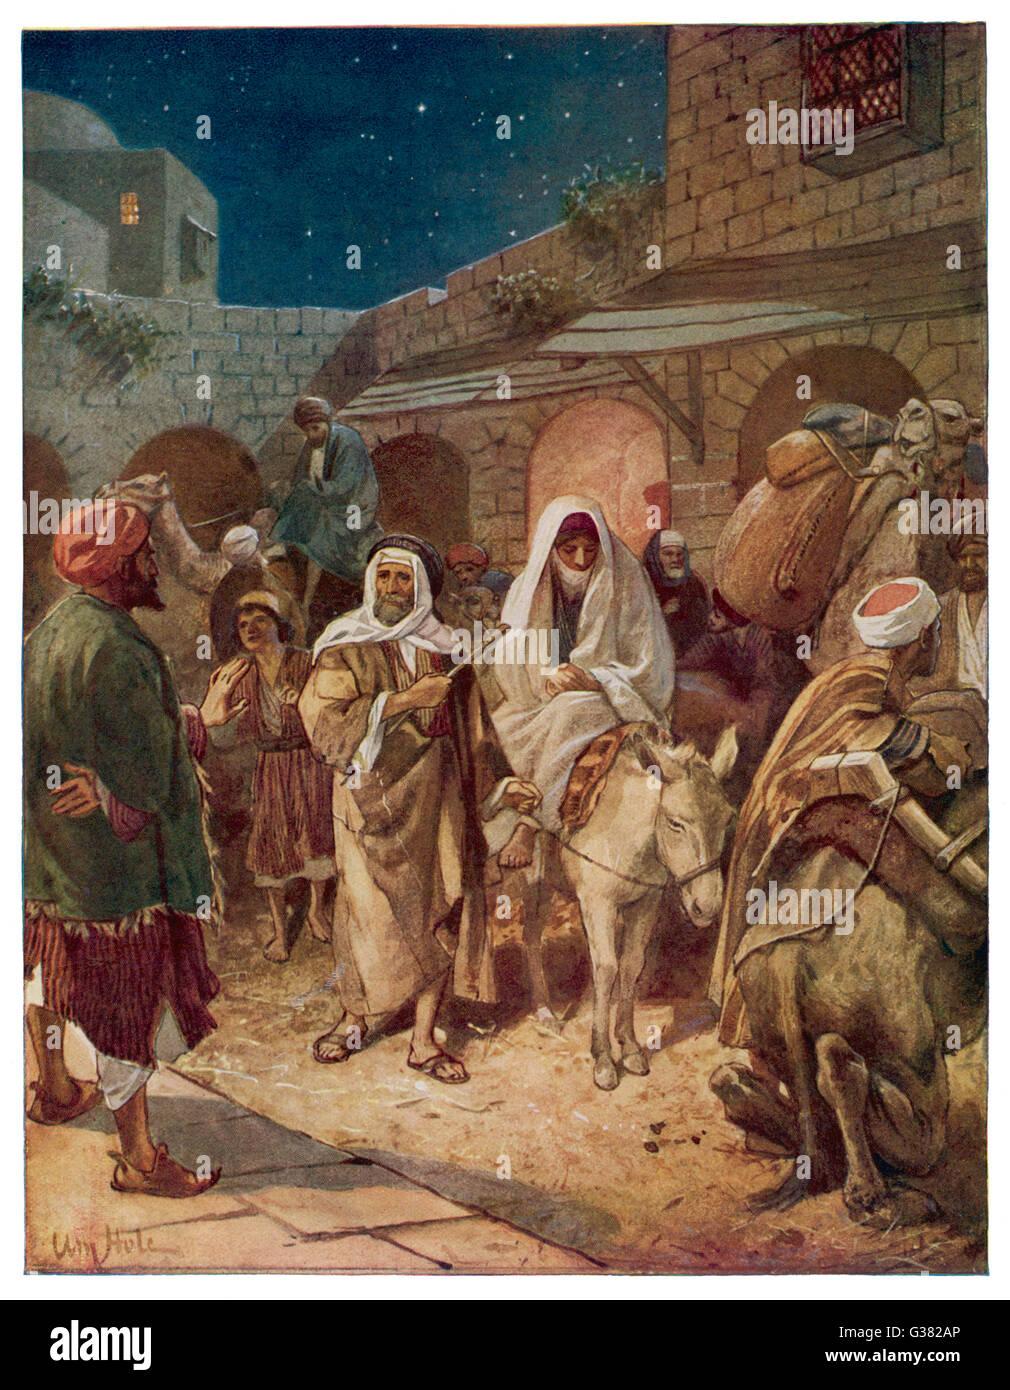 Joseph Mary Bethlehem Donkey High Resolution Stock Photography And Images Alamy